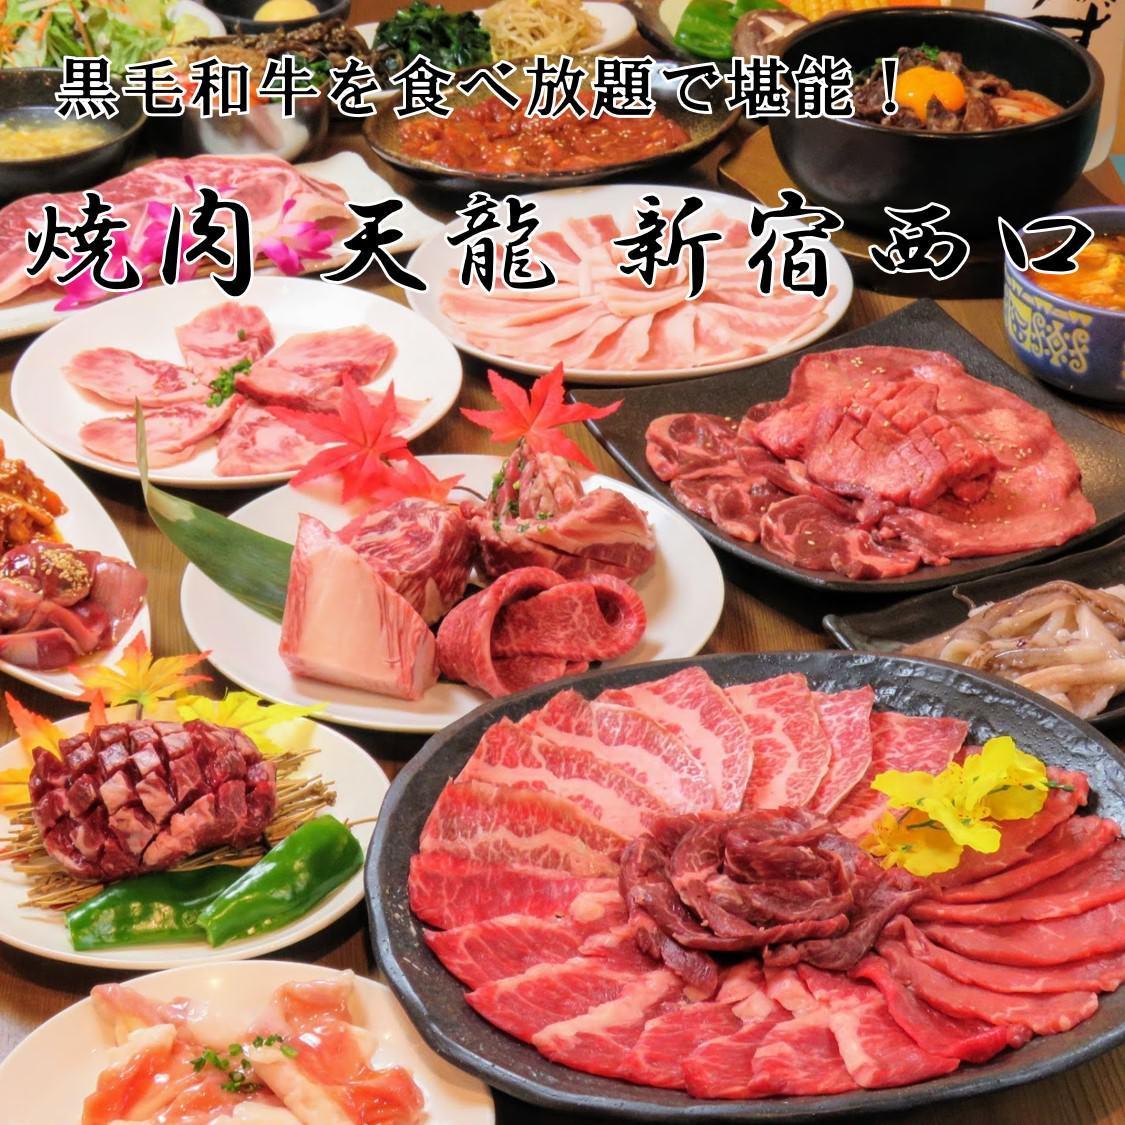 黒毛和牛 焼肉食べ放題 天龍 新宿西口